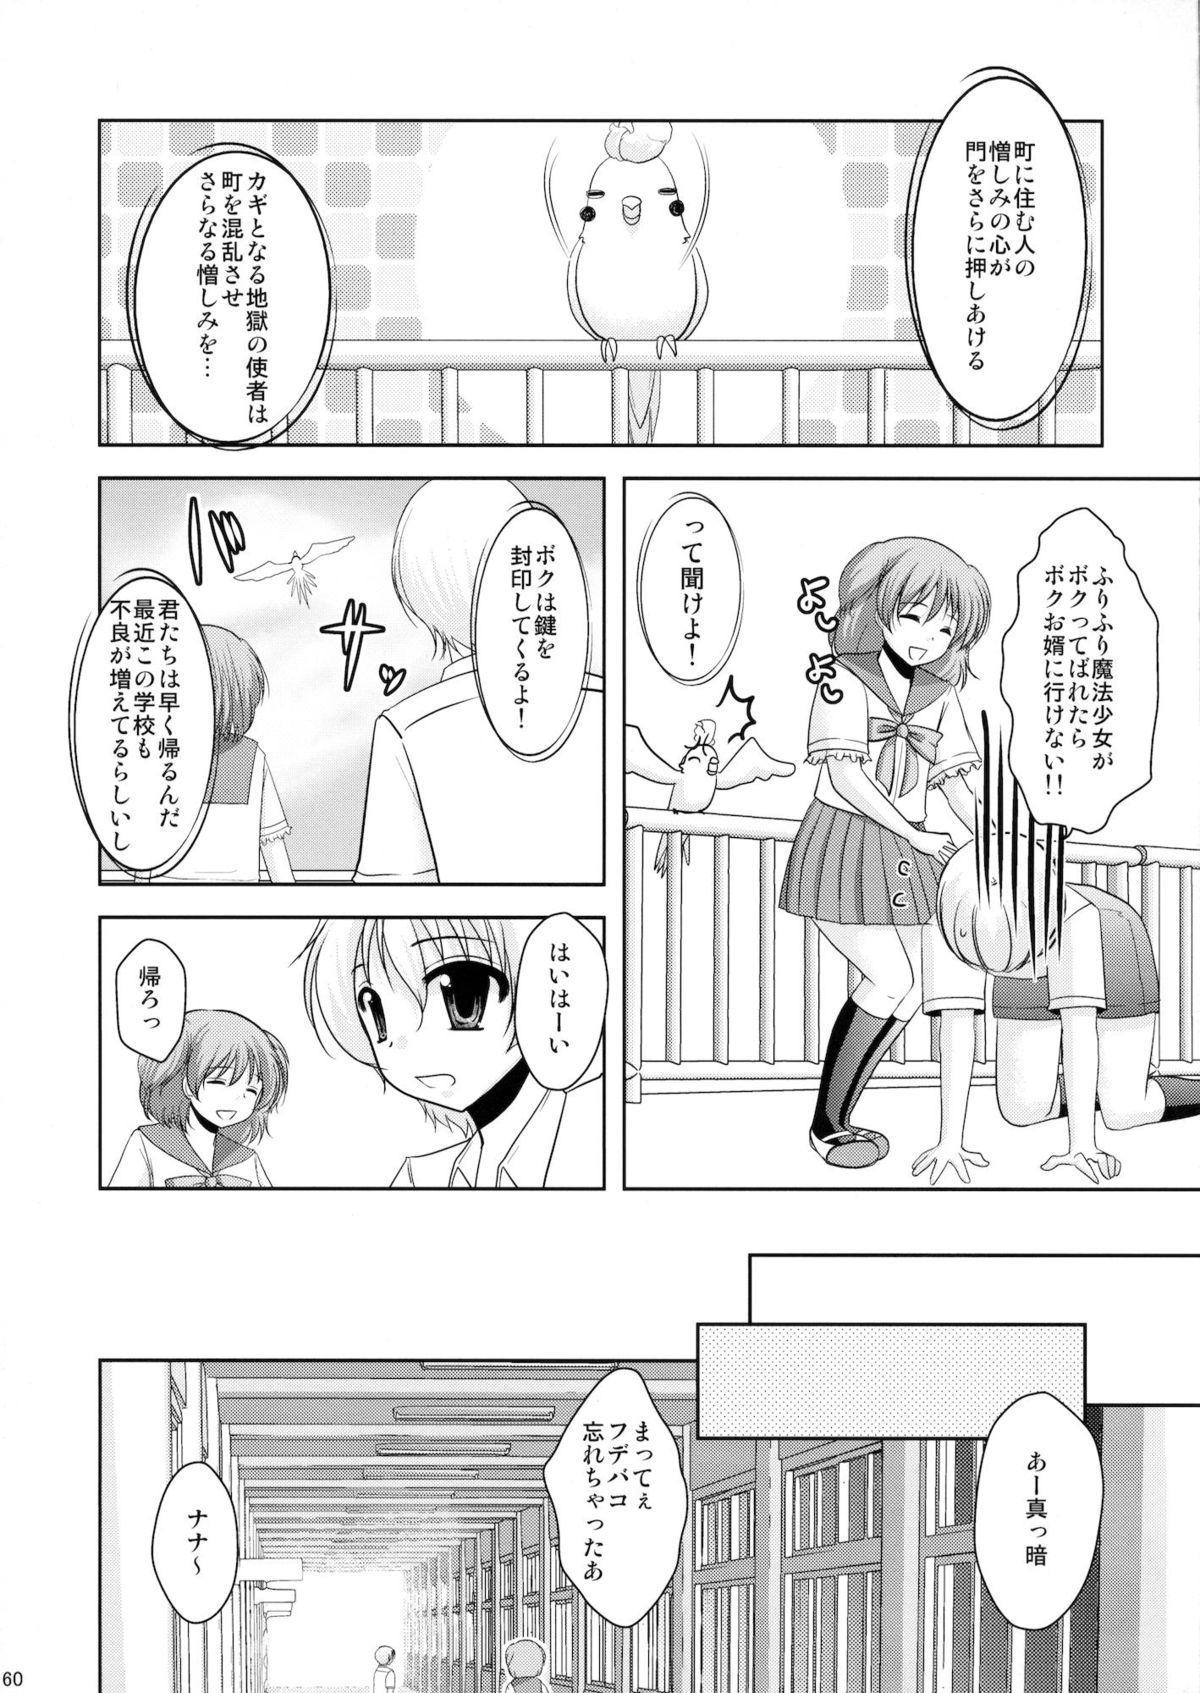 Mahou Shoujo-kei Shounen Soushuuhen + Papa wa Josou Shita Boku ga Suki Mitai 58